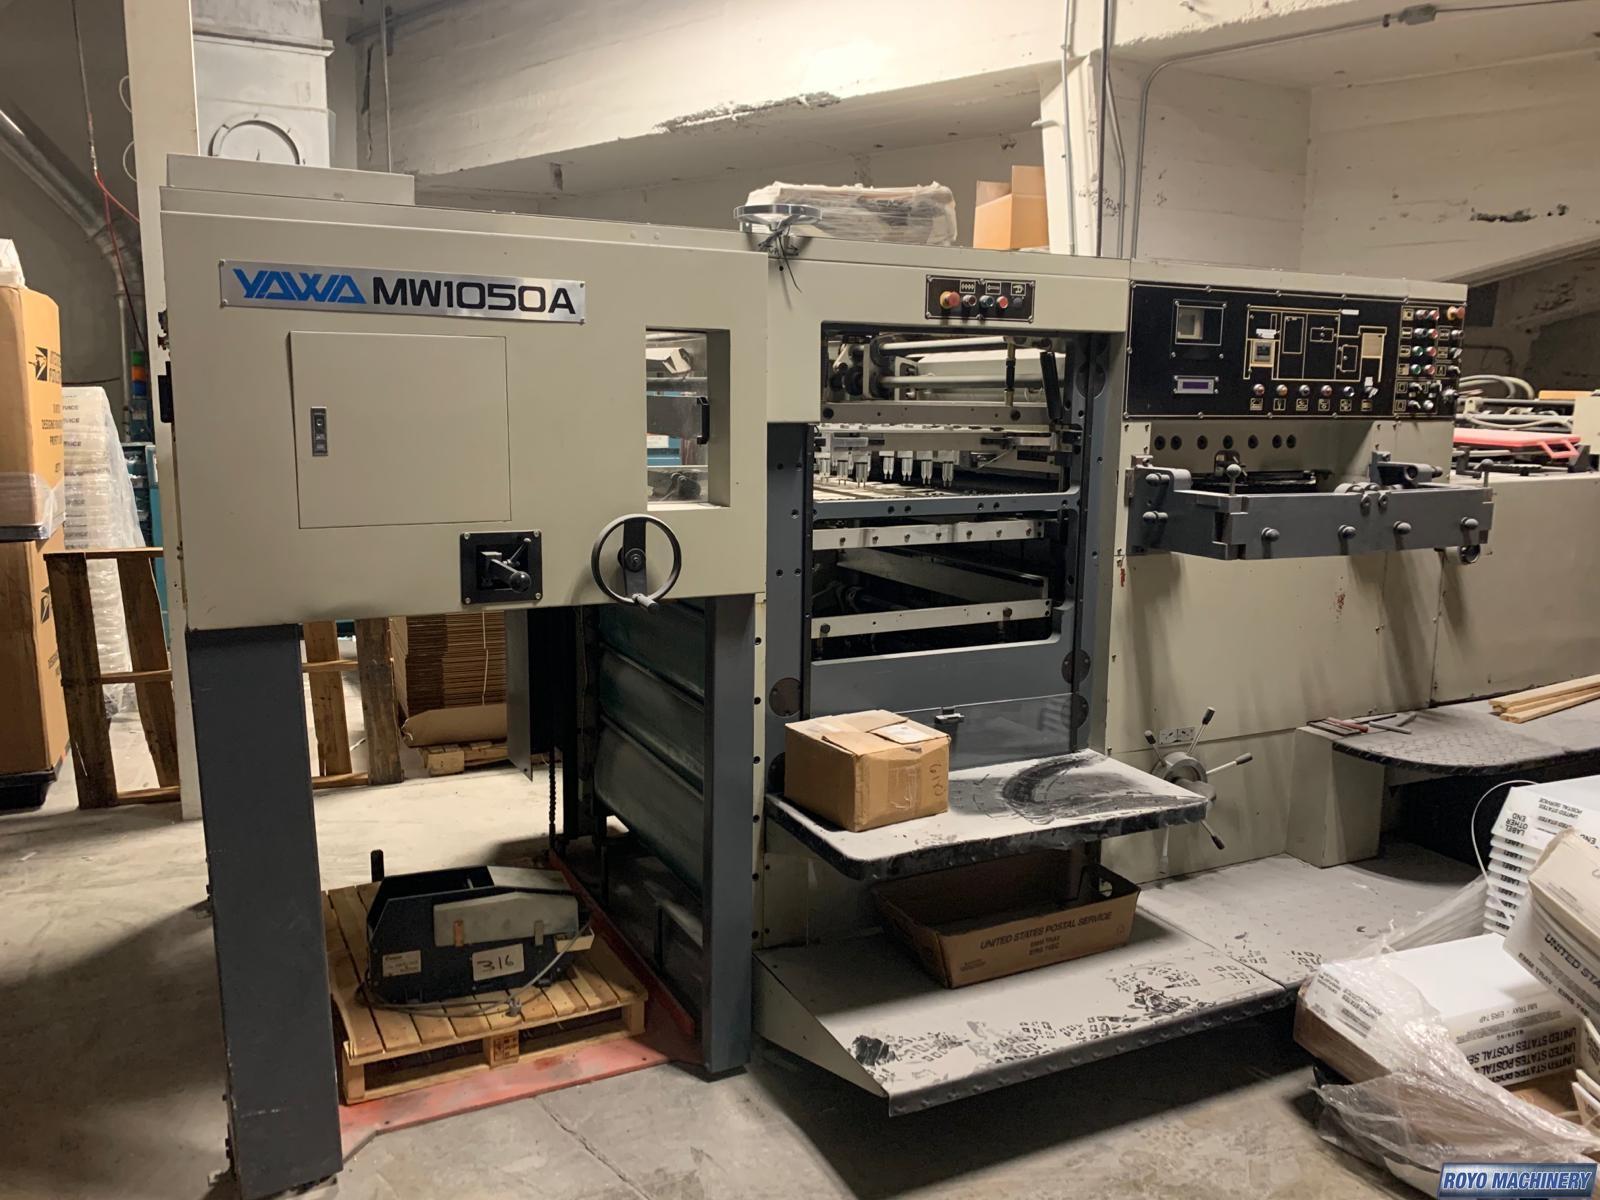 YAWA MW 1050A